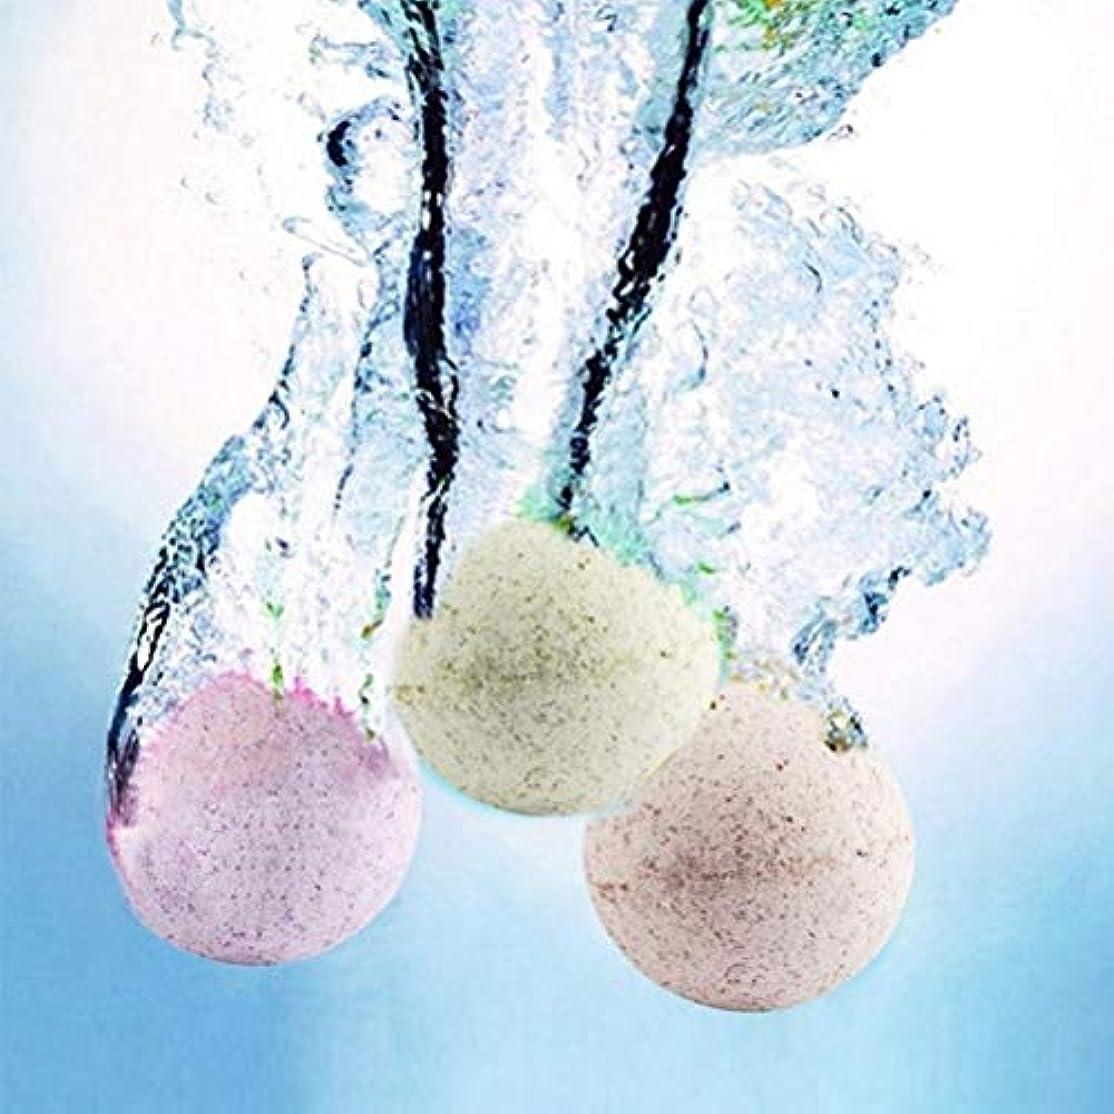 メンタル実際に病的Healifty シャワー爆弾2ピース風呂爆弾ラウンド入浴爆弾ボール炭酸ナトリウムナチュラルオーガニック香りの入浴剤